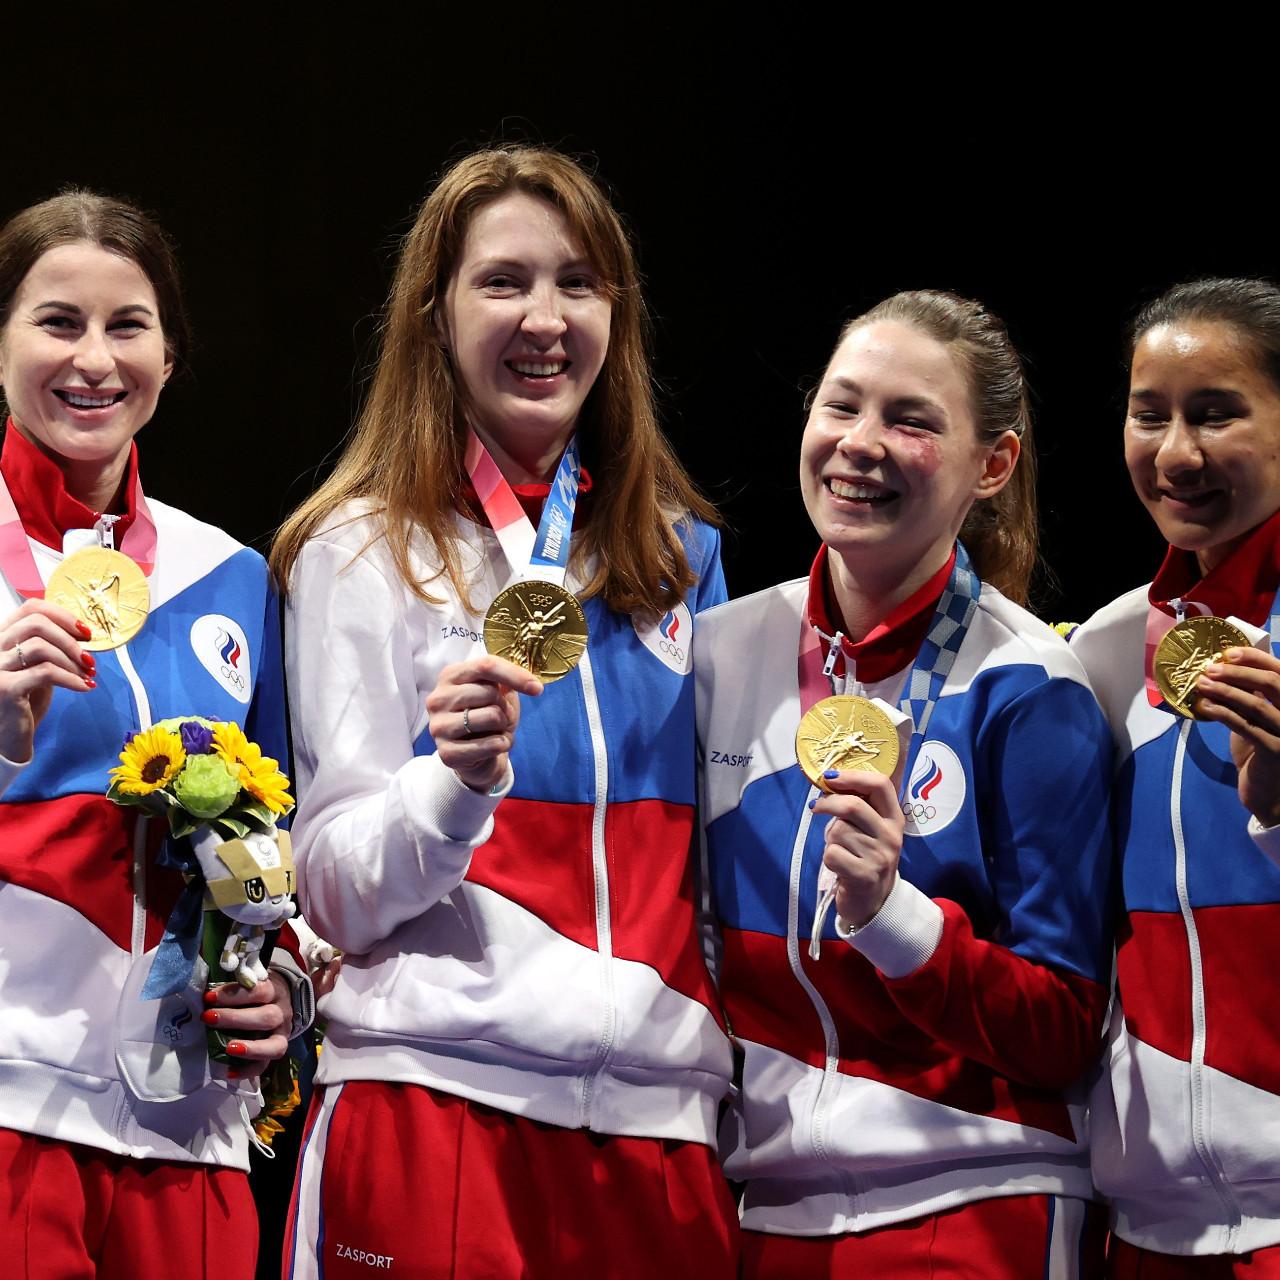 Women's foil fencing team